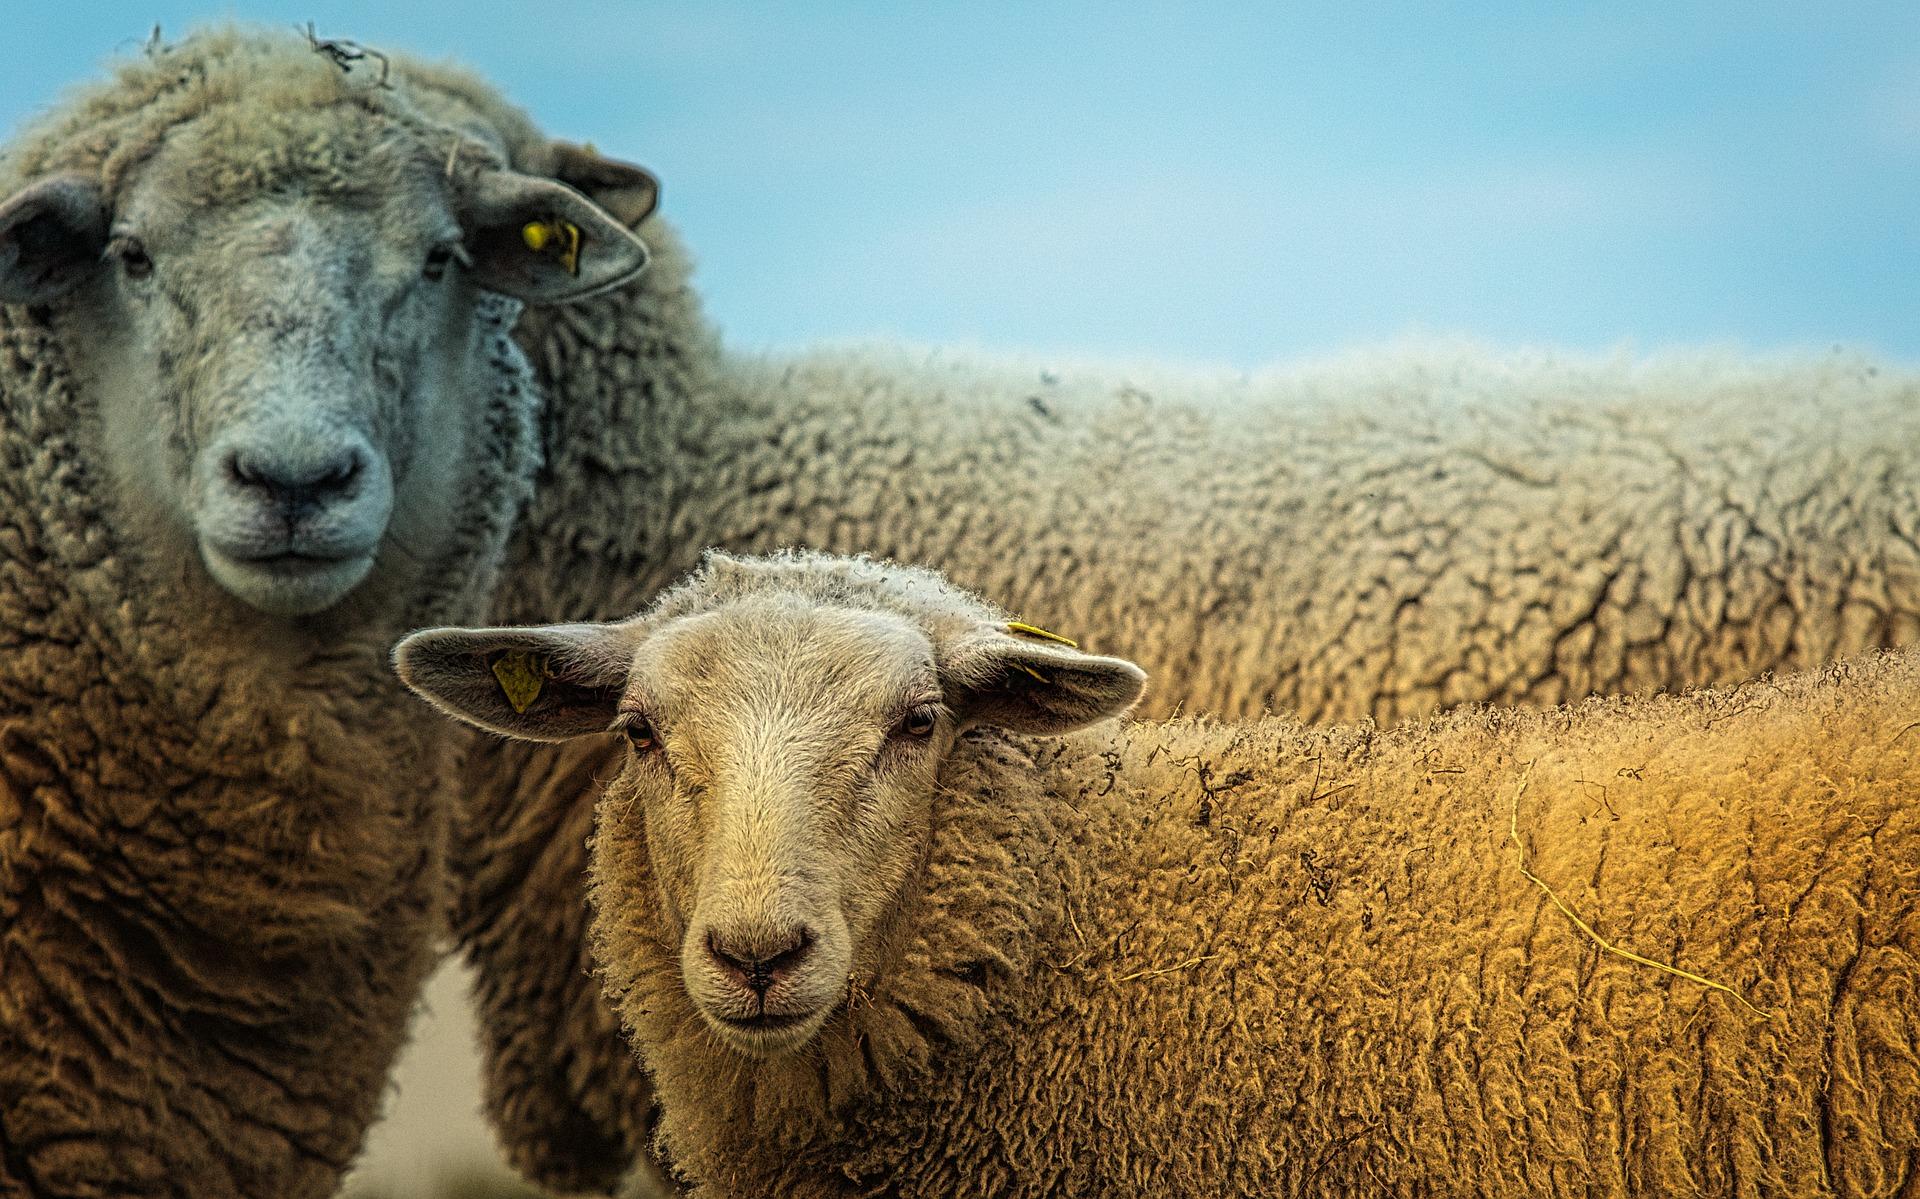 two sheep looking at camera